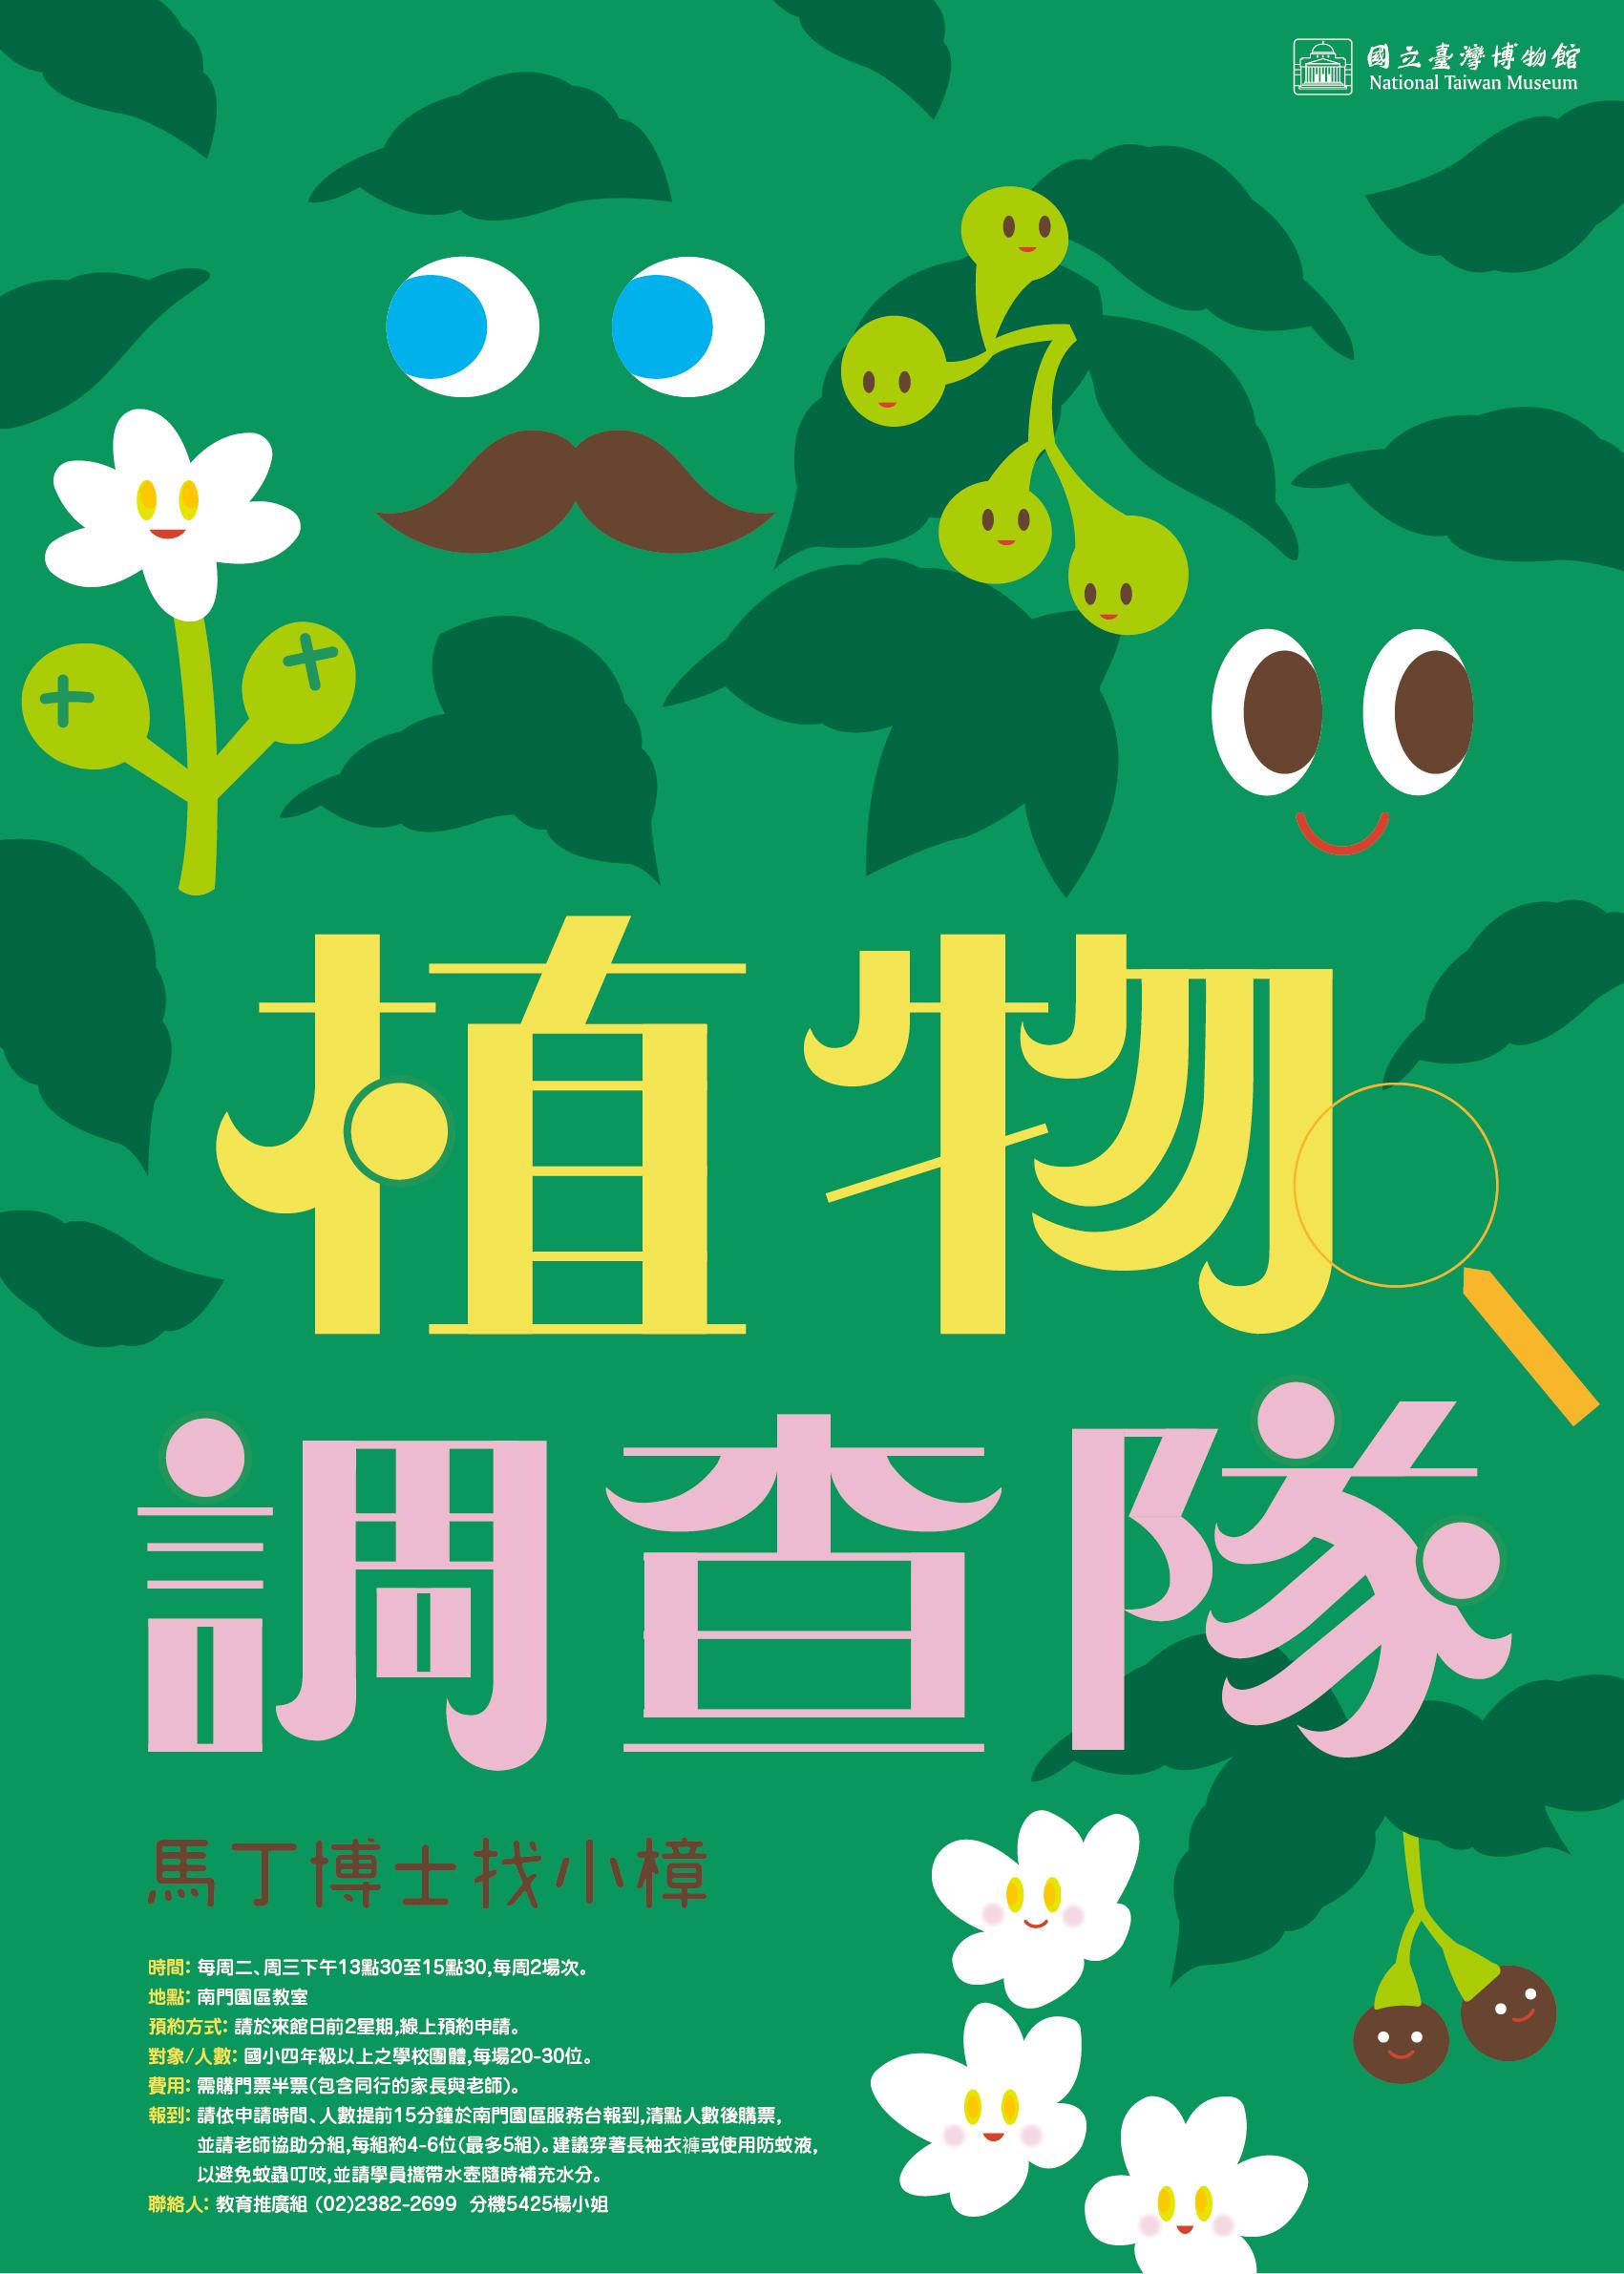 植物調查隊-馬丁博士找小樟_工作區域 1.png